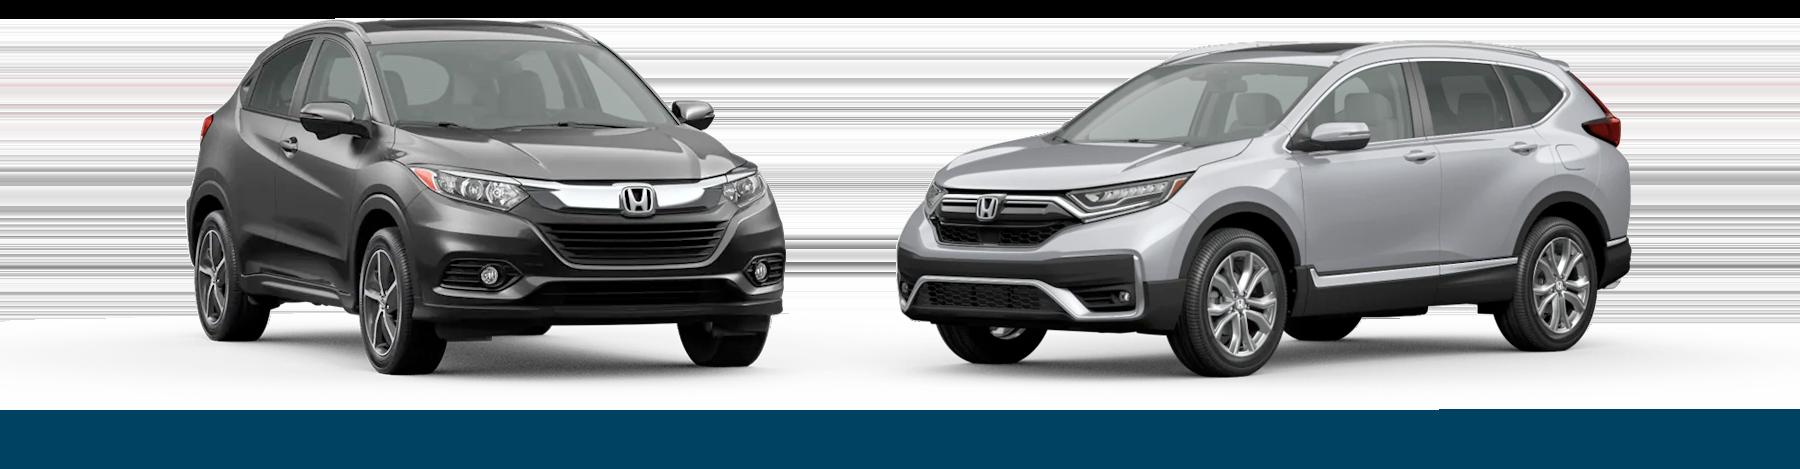 2021 Honda HR-V vs. 2021 Honda CR-V Jellybean